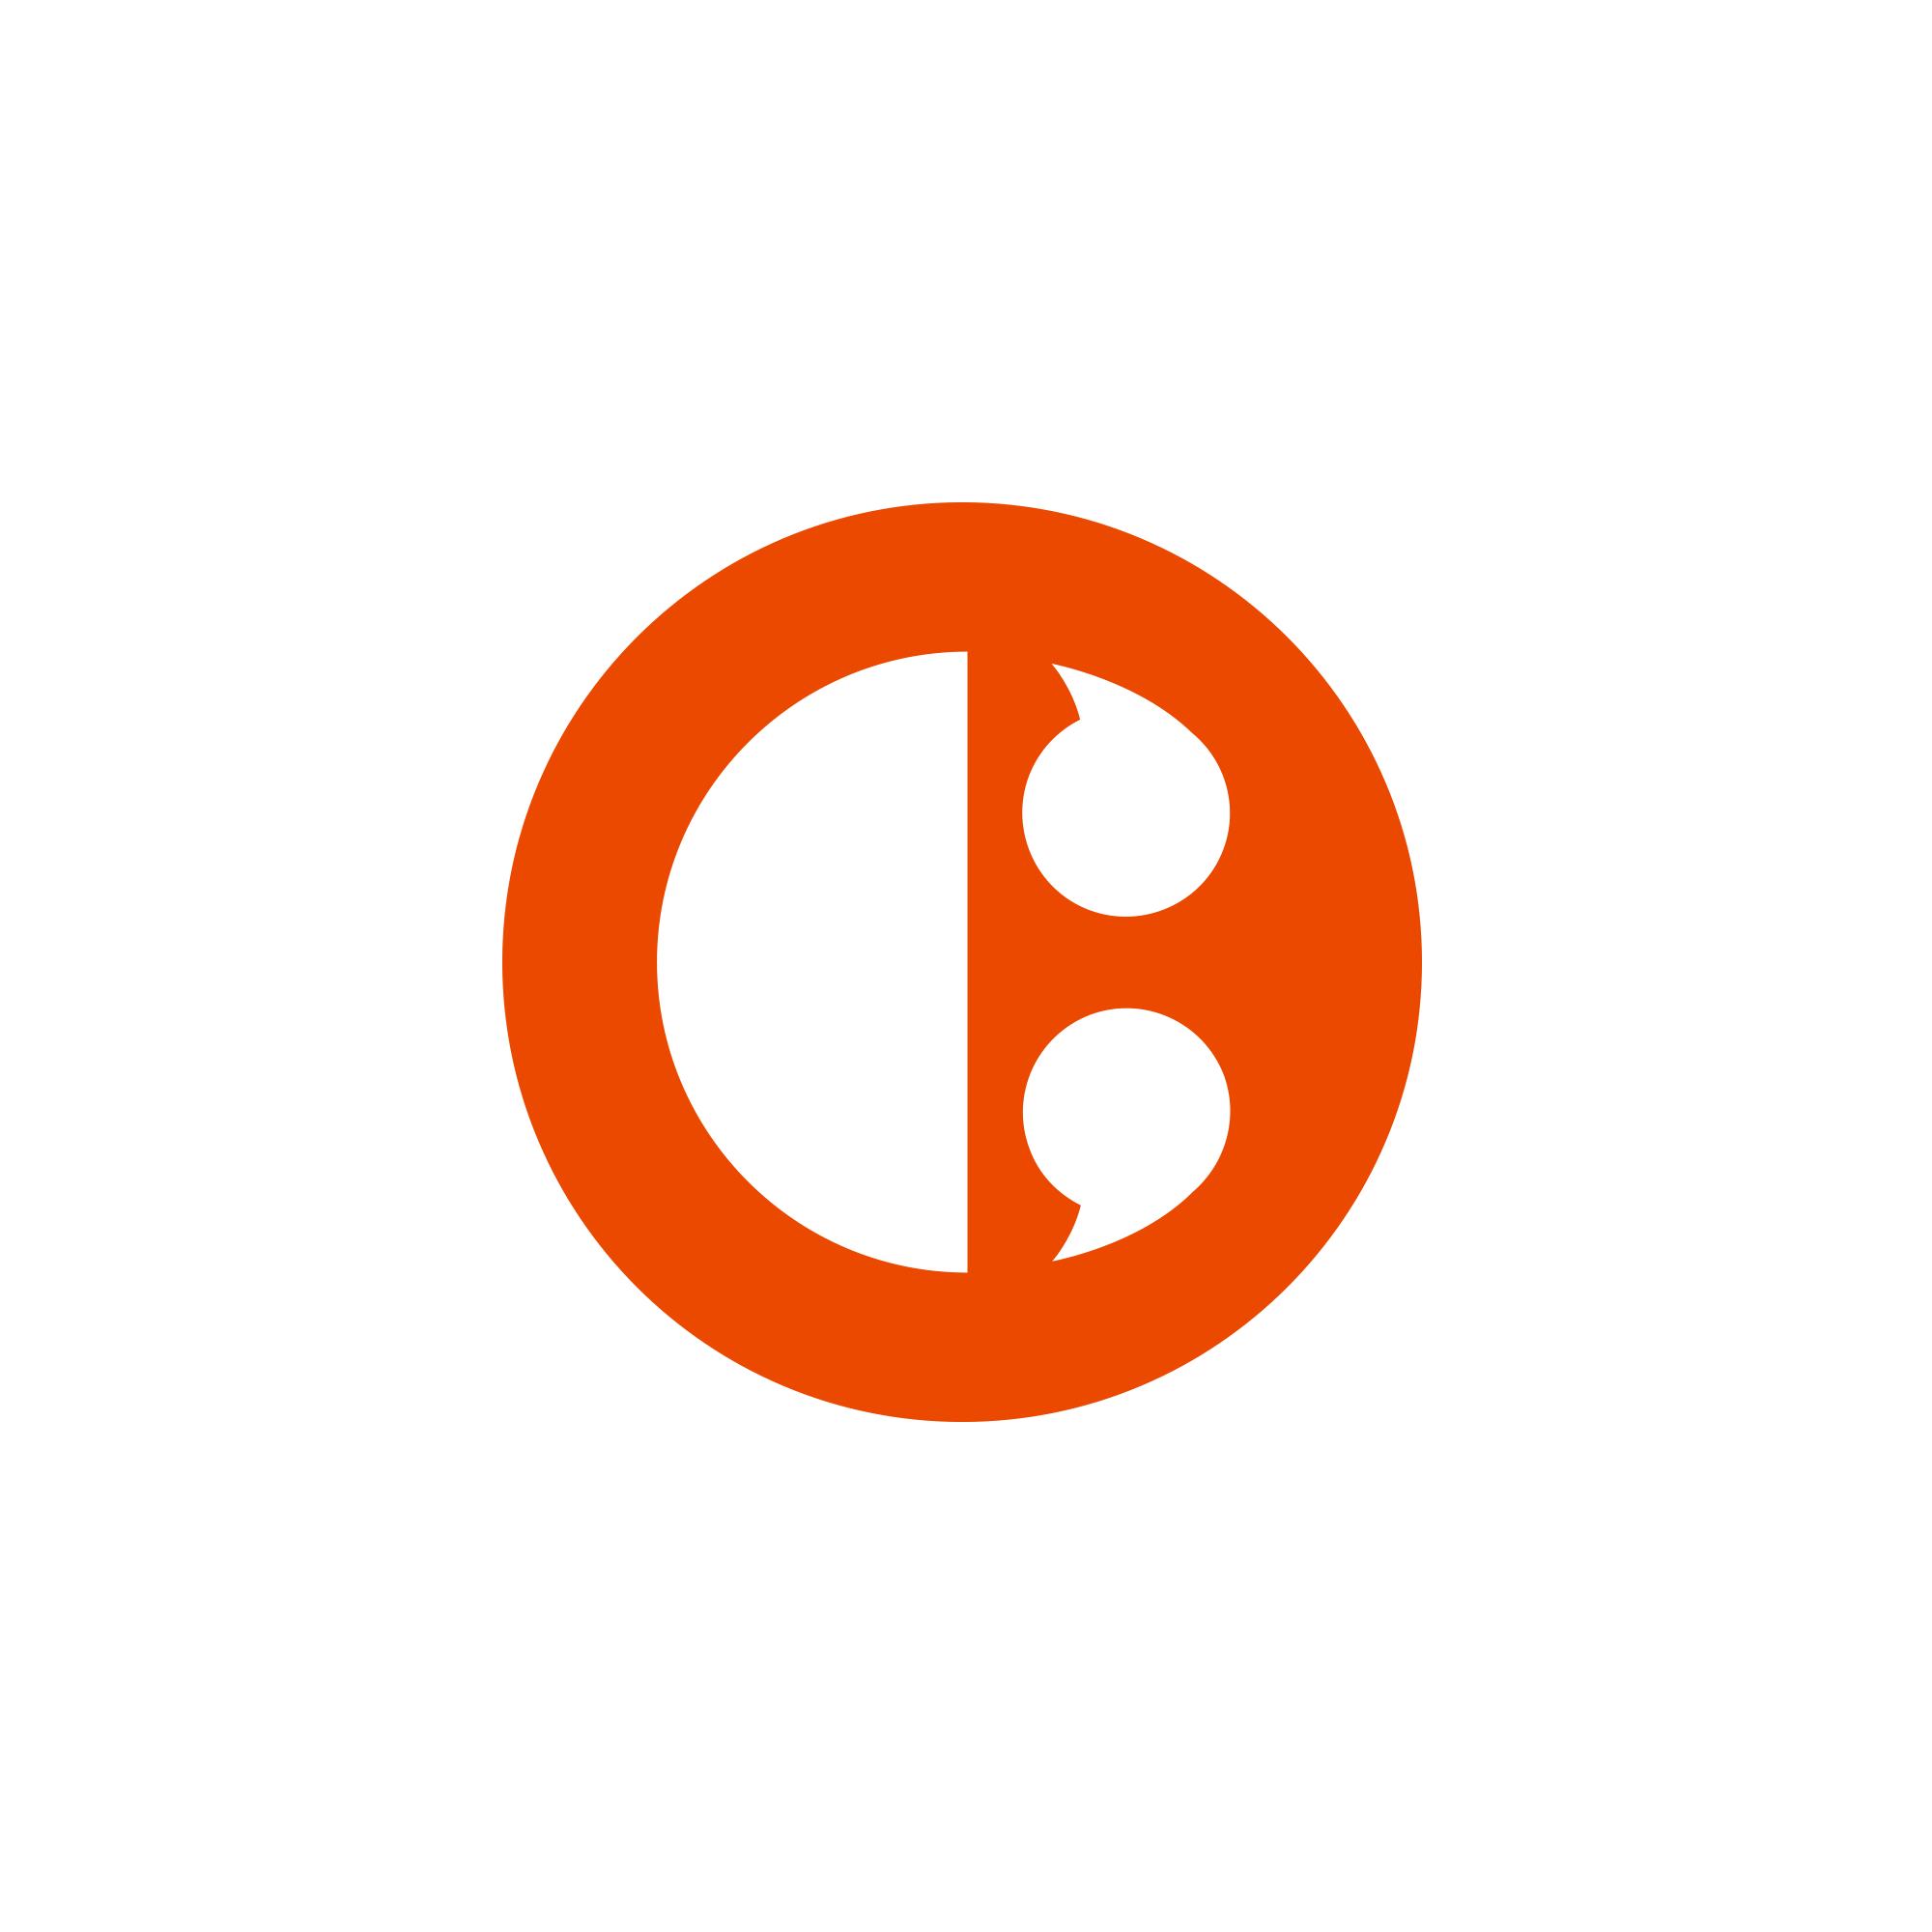 Clark Logo United States Monogram Logo Design Letter Logo Single Letter Logo